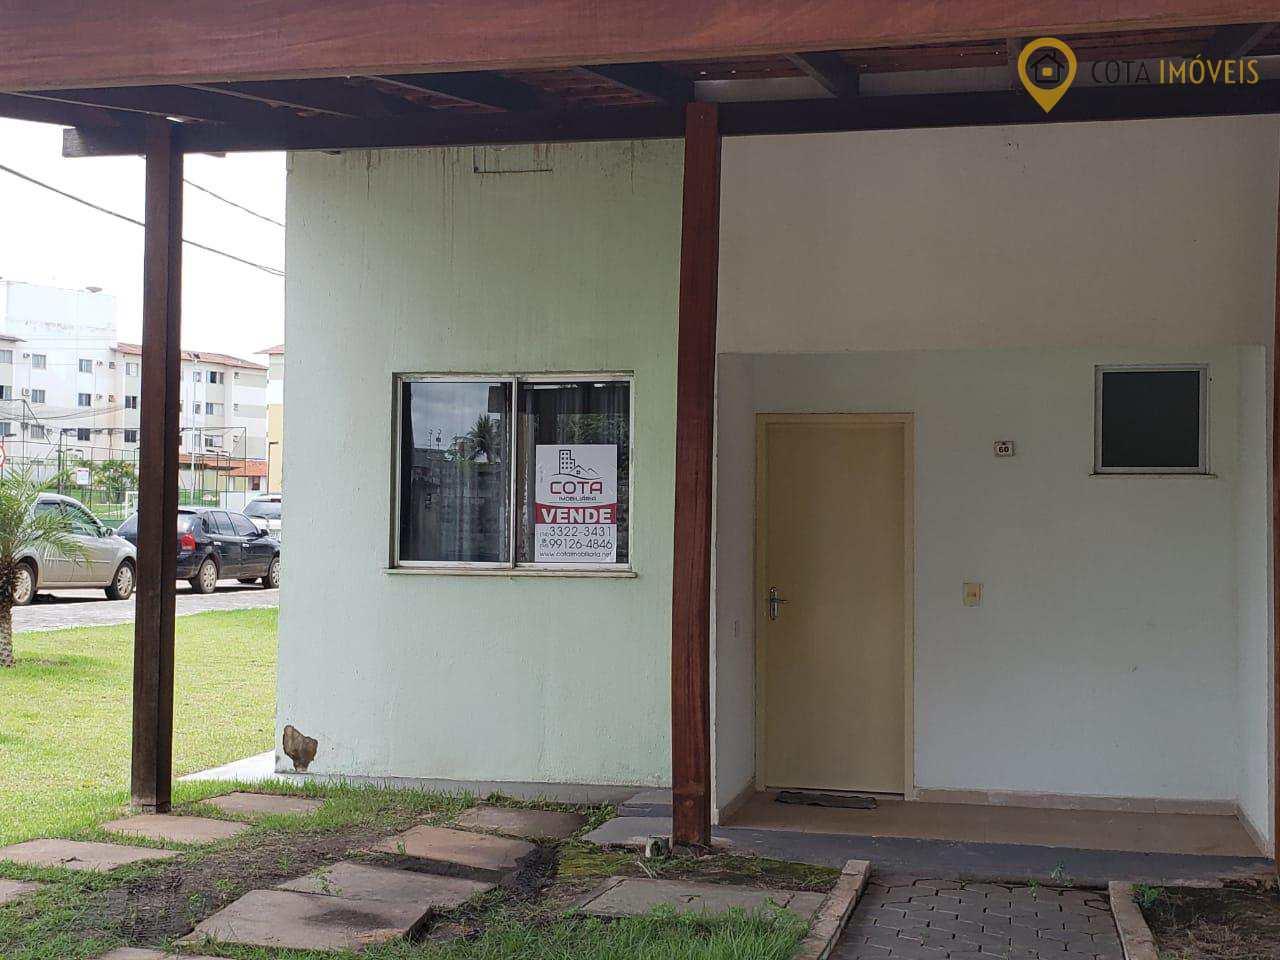 Casa de Condomínio com 3 dorms, Nova Marabá, Marabá - R$ 270 mil, Cod: 107